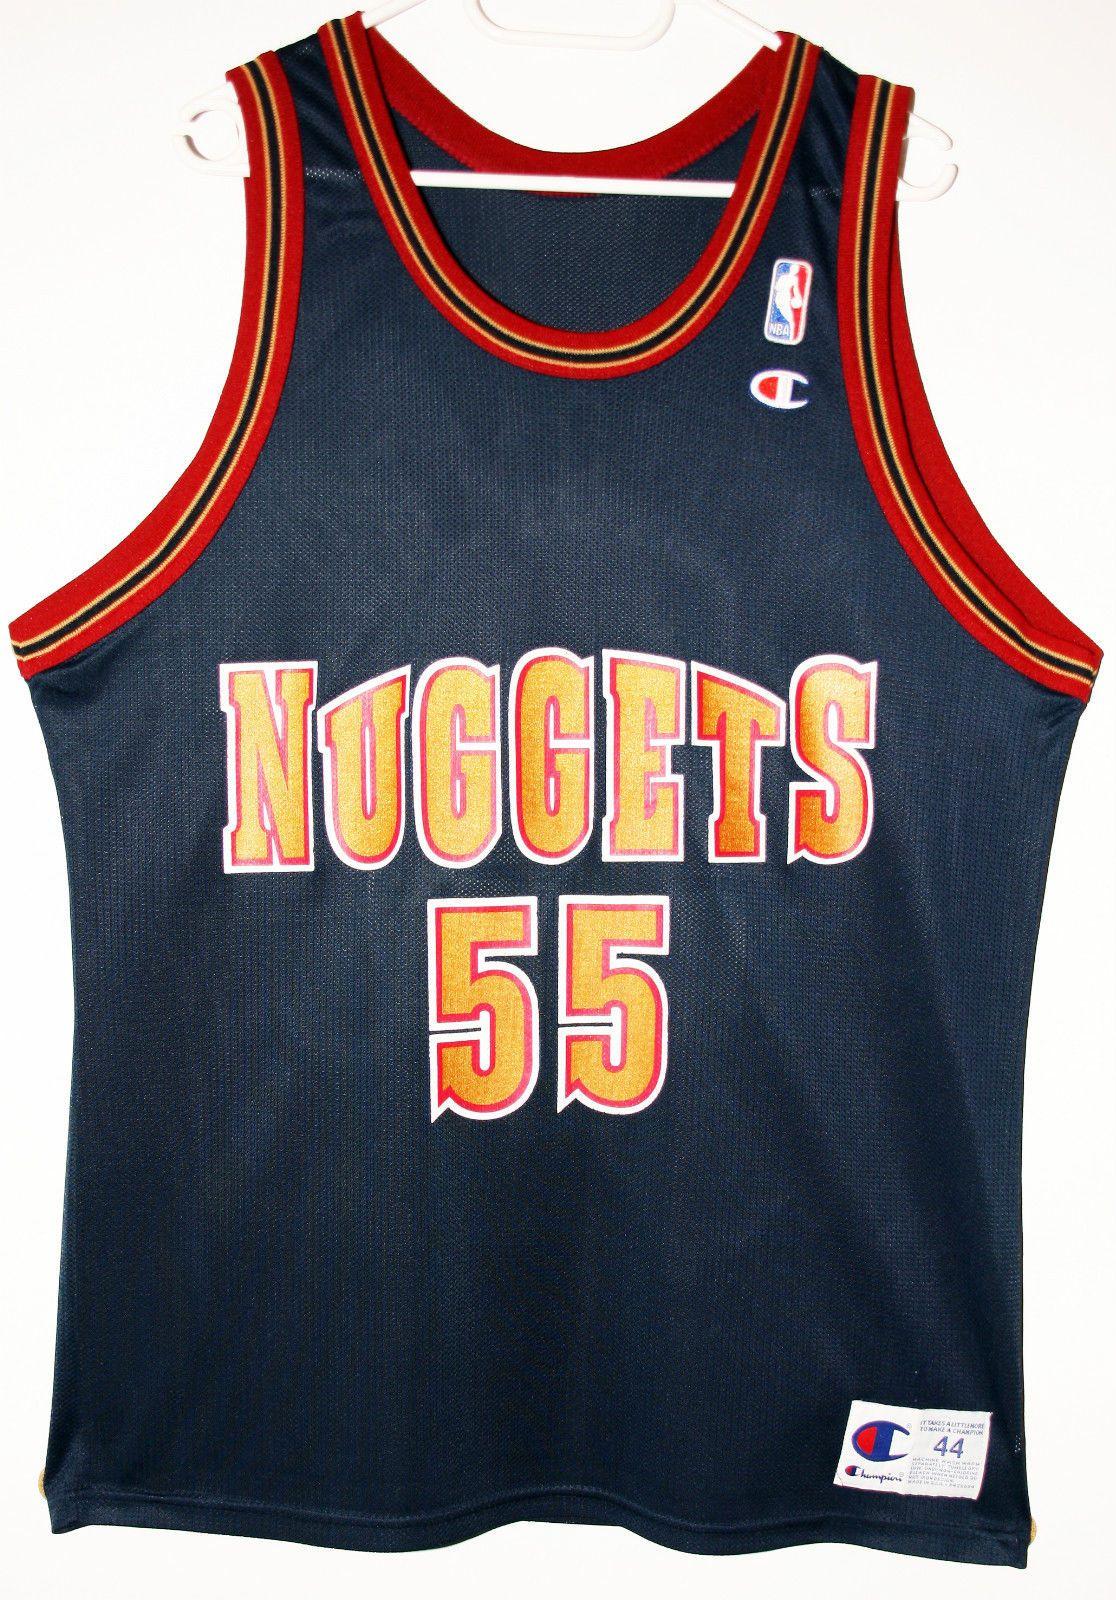 Champion NBA Basketball Denver Nuggets  55 Dikembe Mutombo Trikot Jersey  Size 44 - Größe L - 89 8657d1741